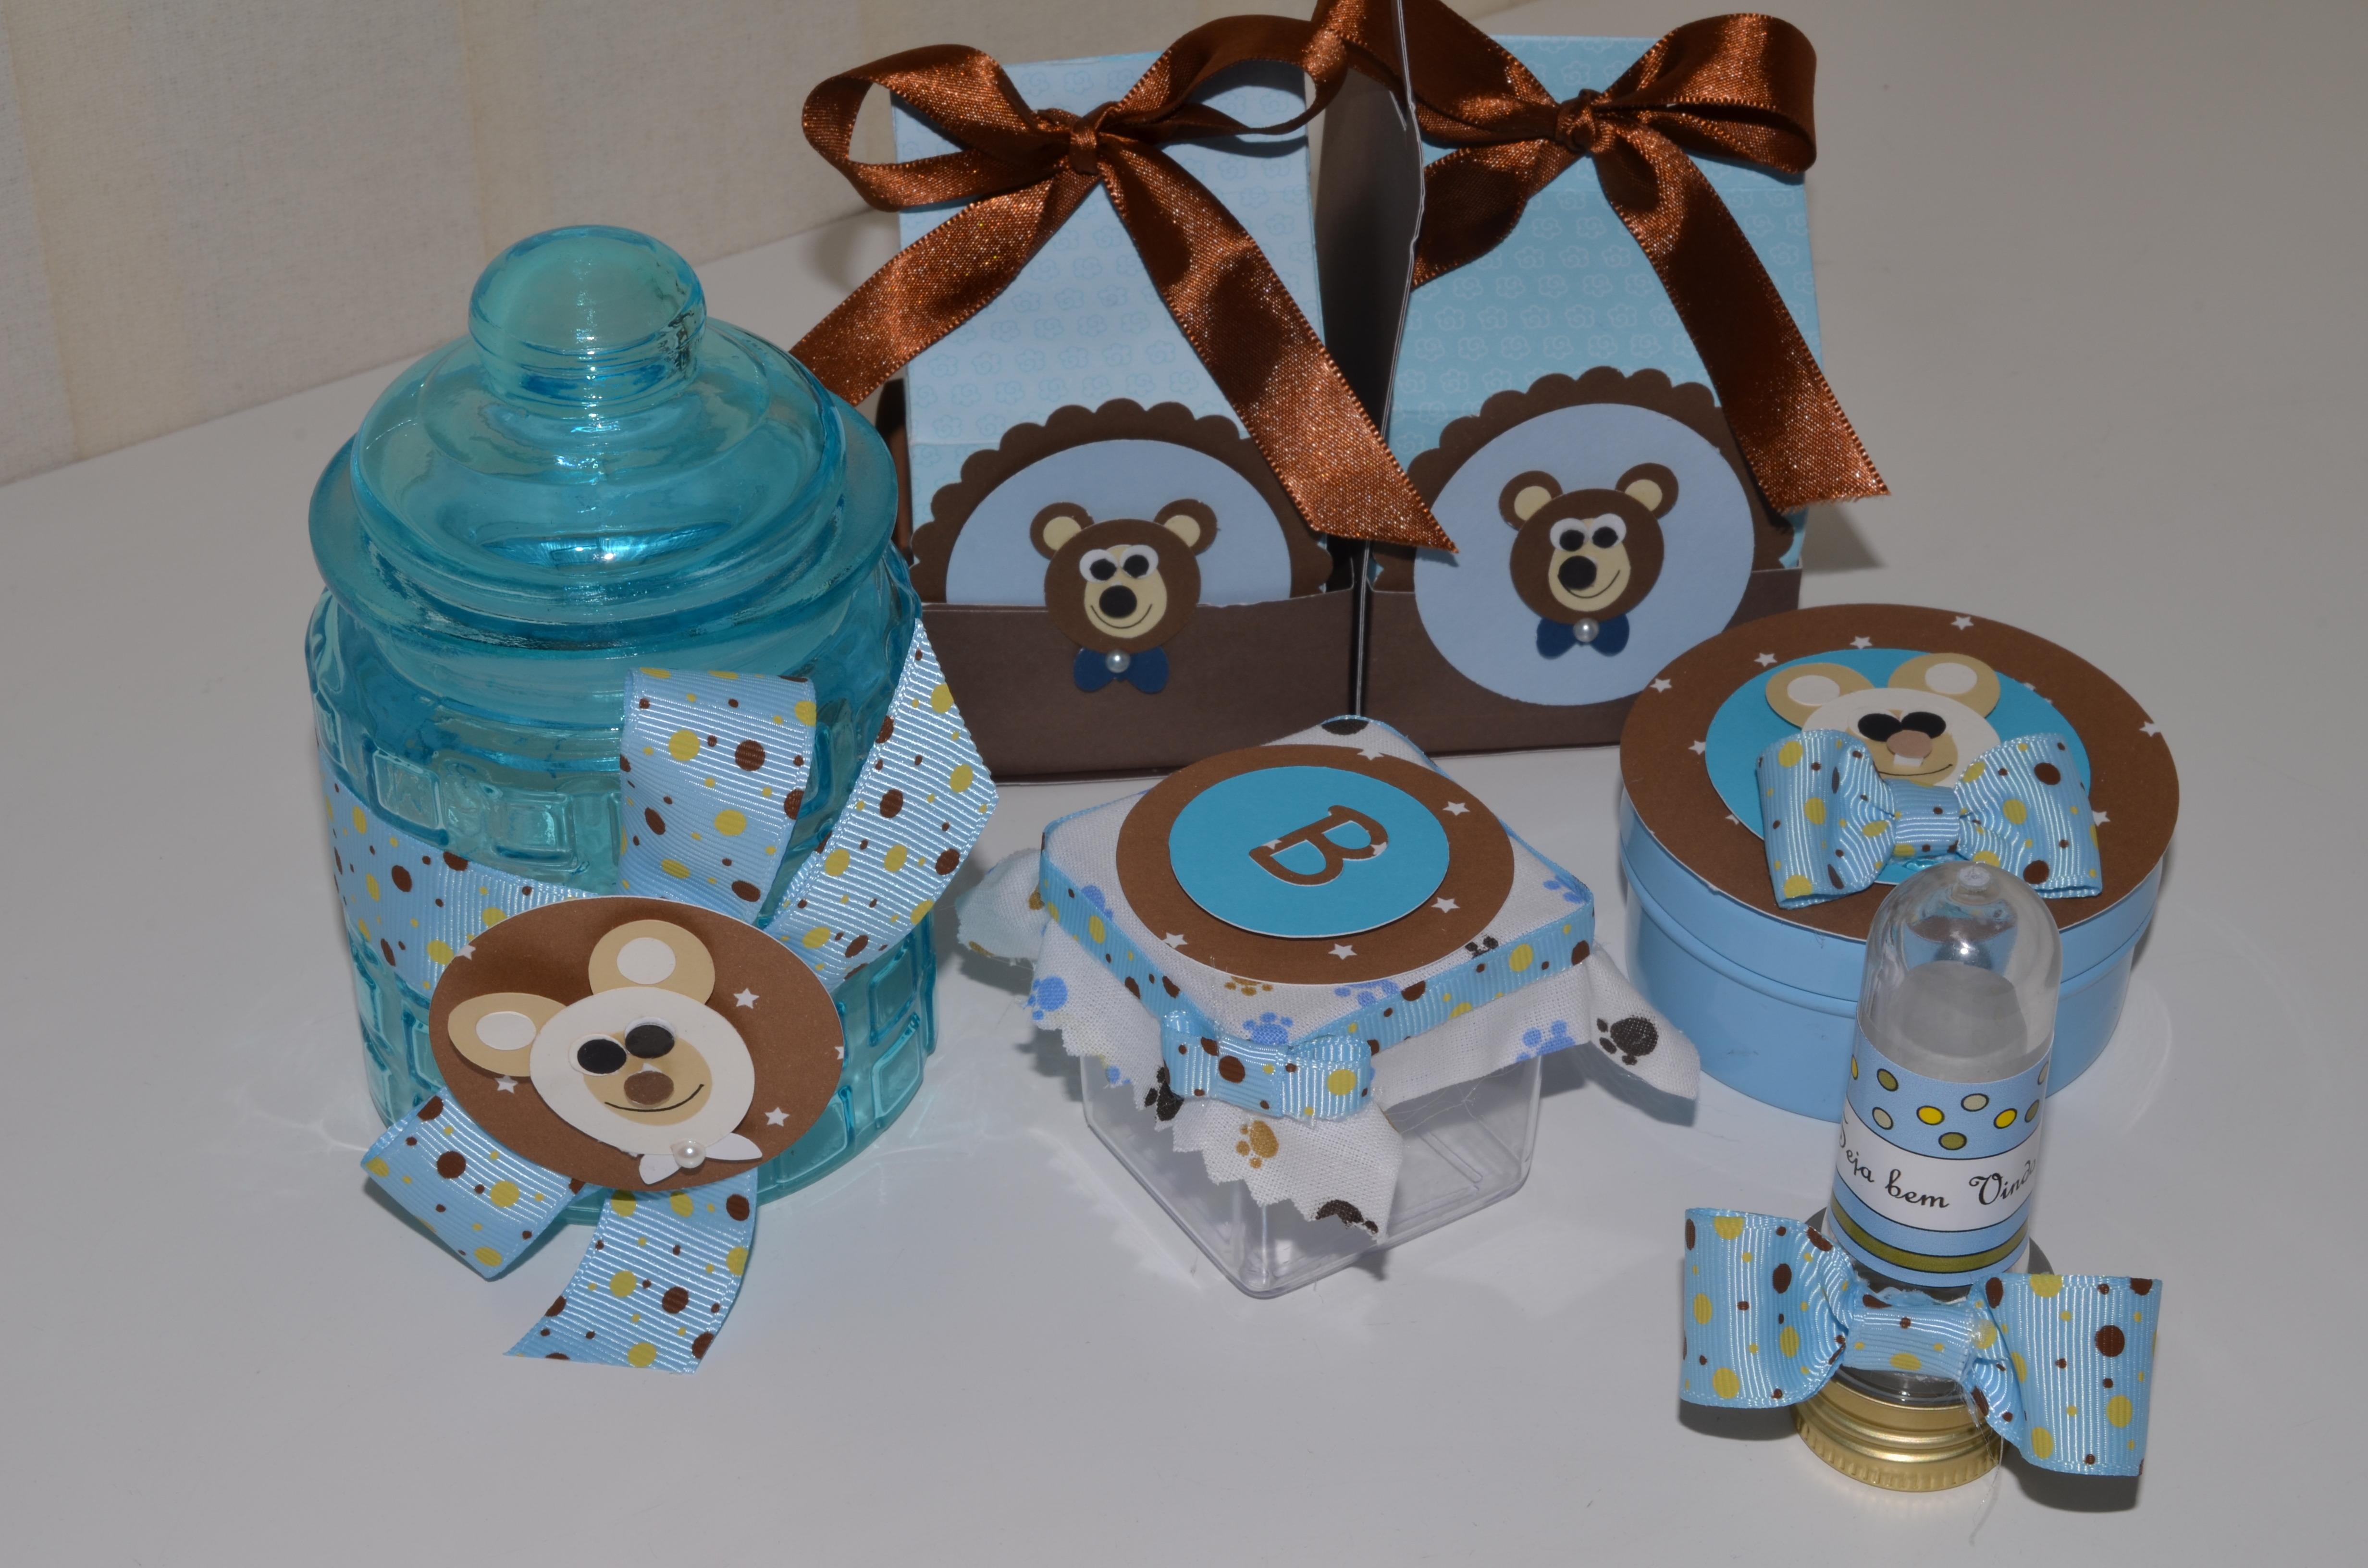 decoracao festa urso azul e marrom : decoracao festa urso azul e marrom:Azul Festa Clean Urso Marrom E Azul Festa Clean Urso Marrom E Azul